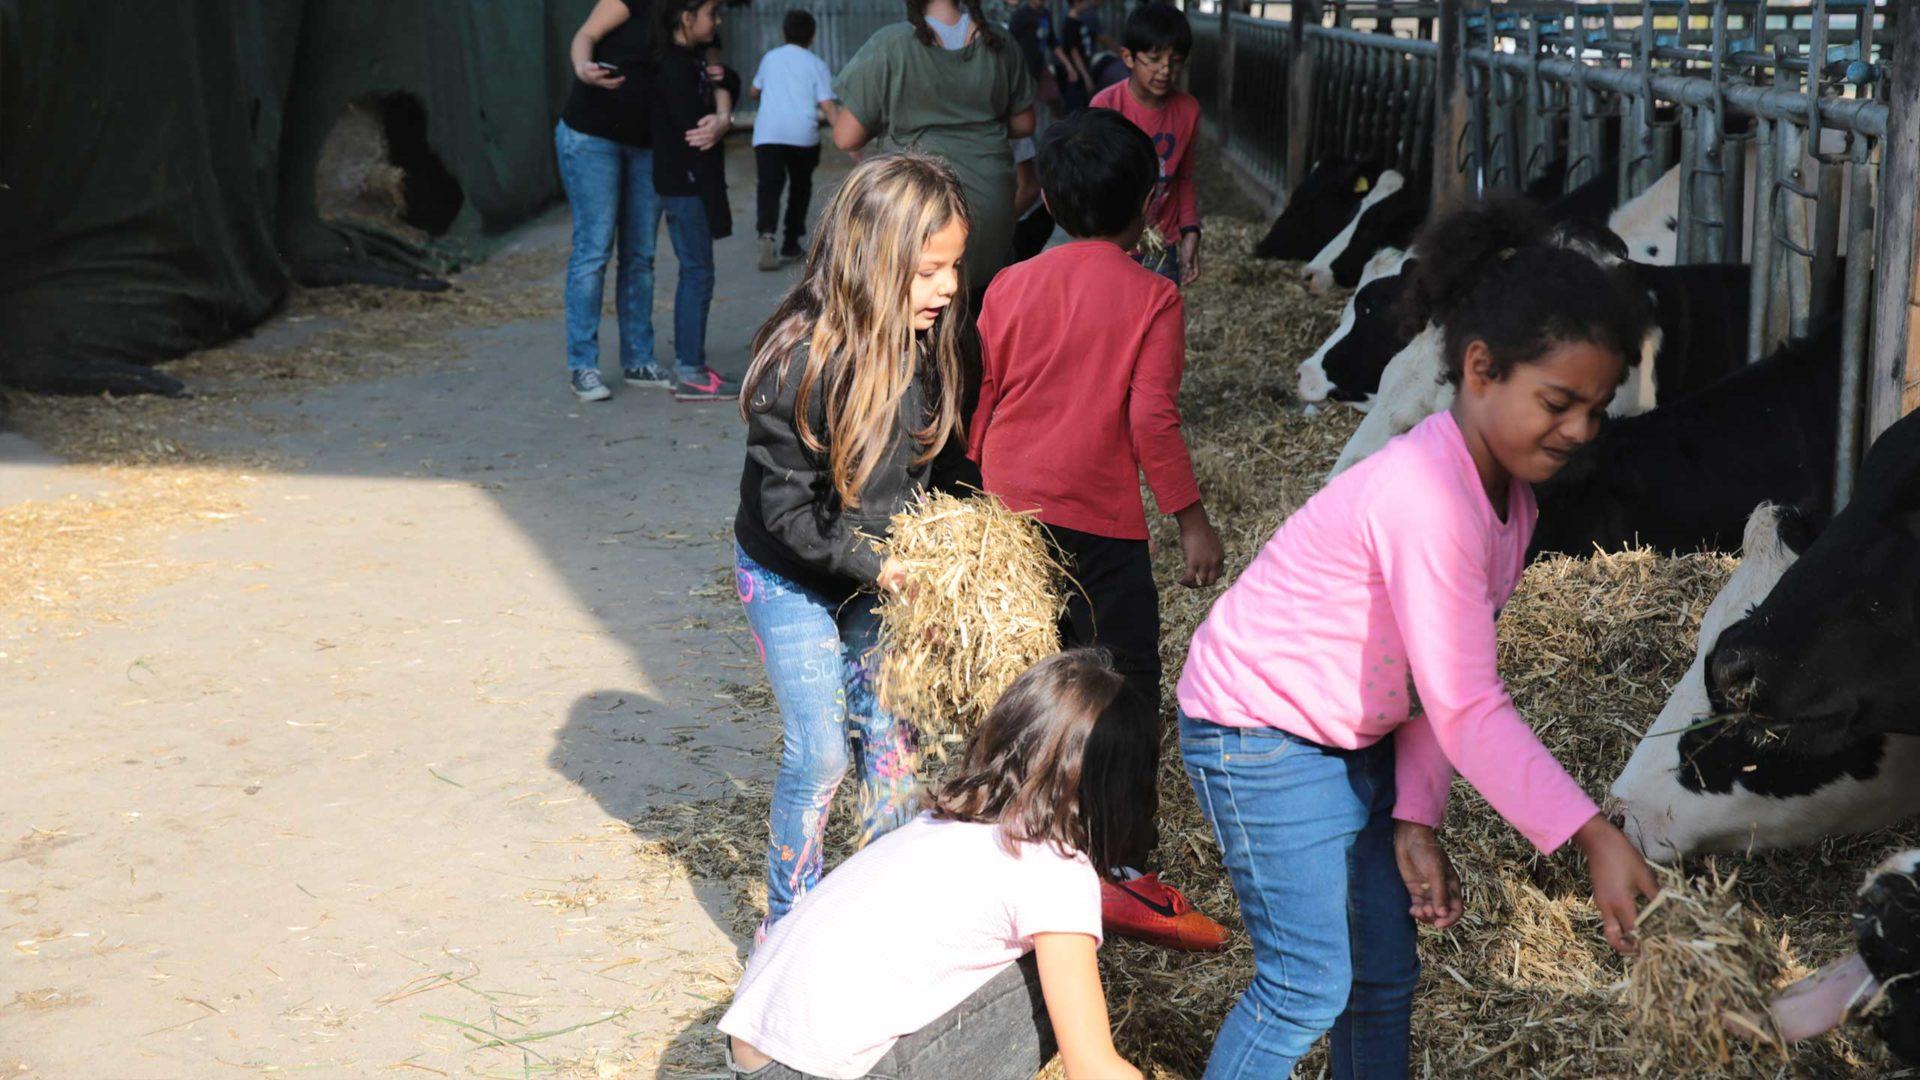 Aktion Mahlzeit auf dem Milchhof. Die Kinder kommen ganz nah an die Kühe heran und können diese sogar füttern.